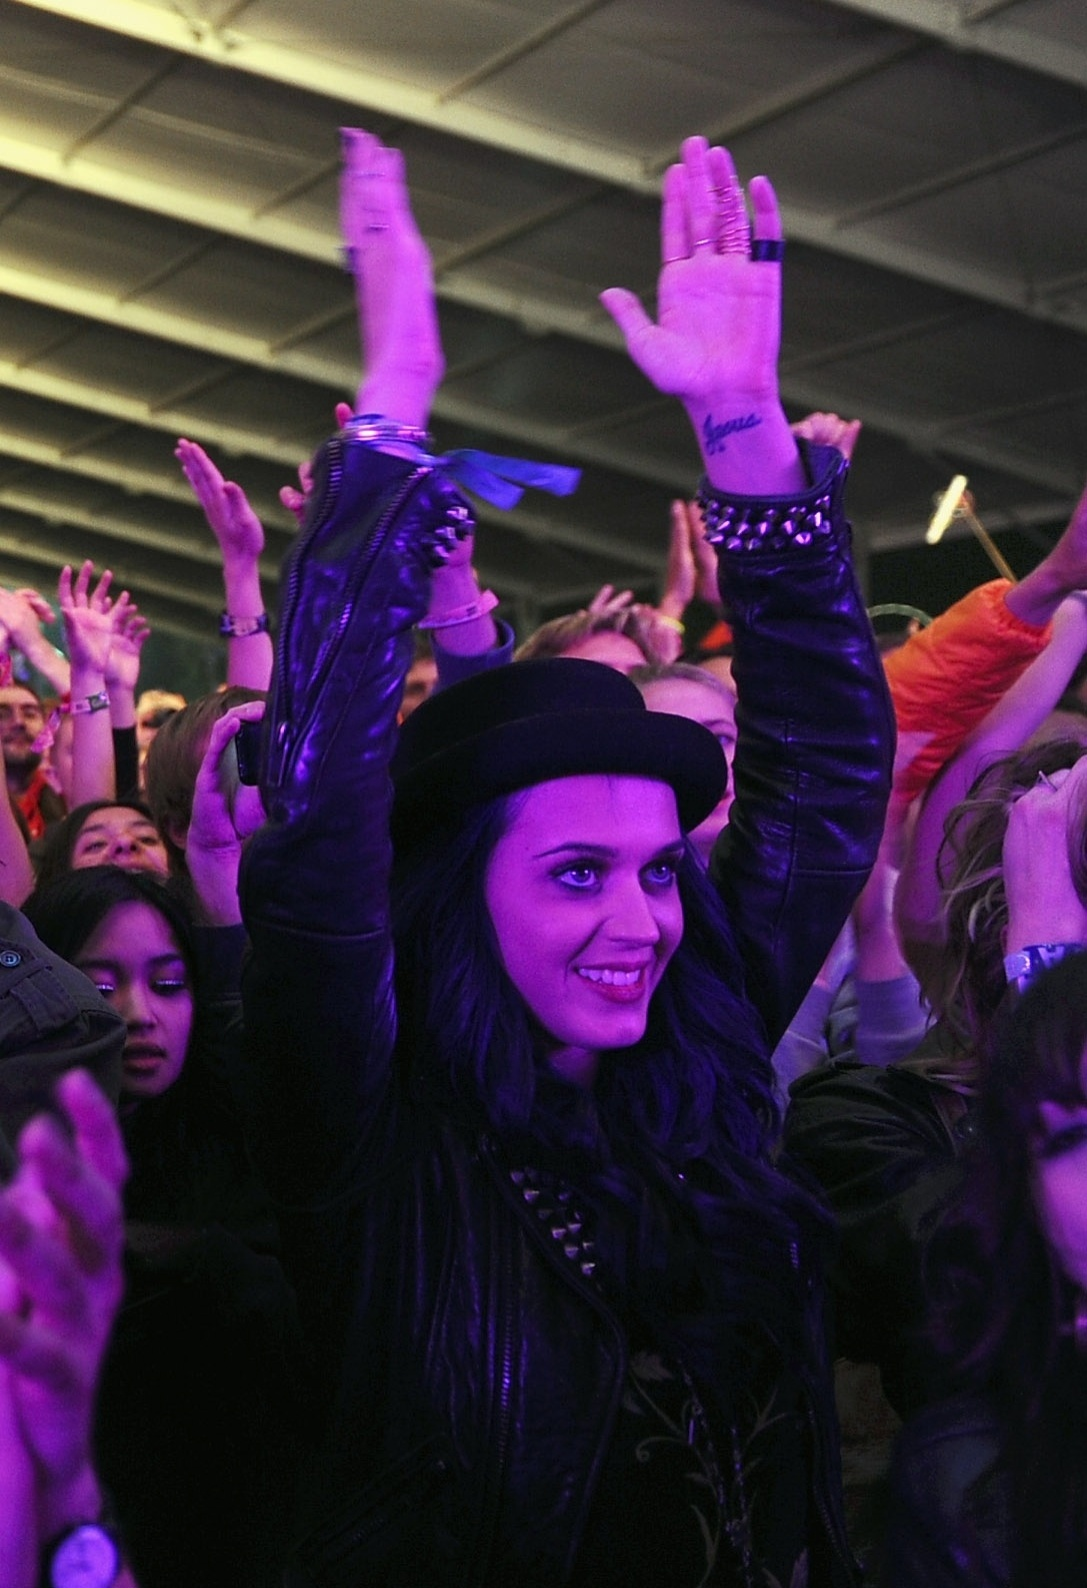 No meio do público, a cantora Katy Perry aplaude a apresentação da banda eletrônica M83 no festival Coachella, em Indio, Califórnia (13/4/12)